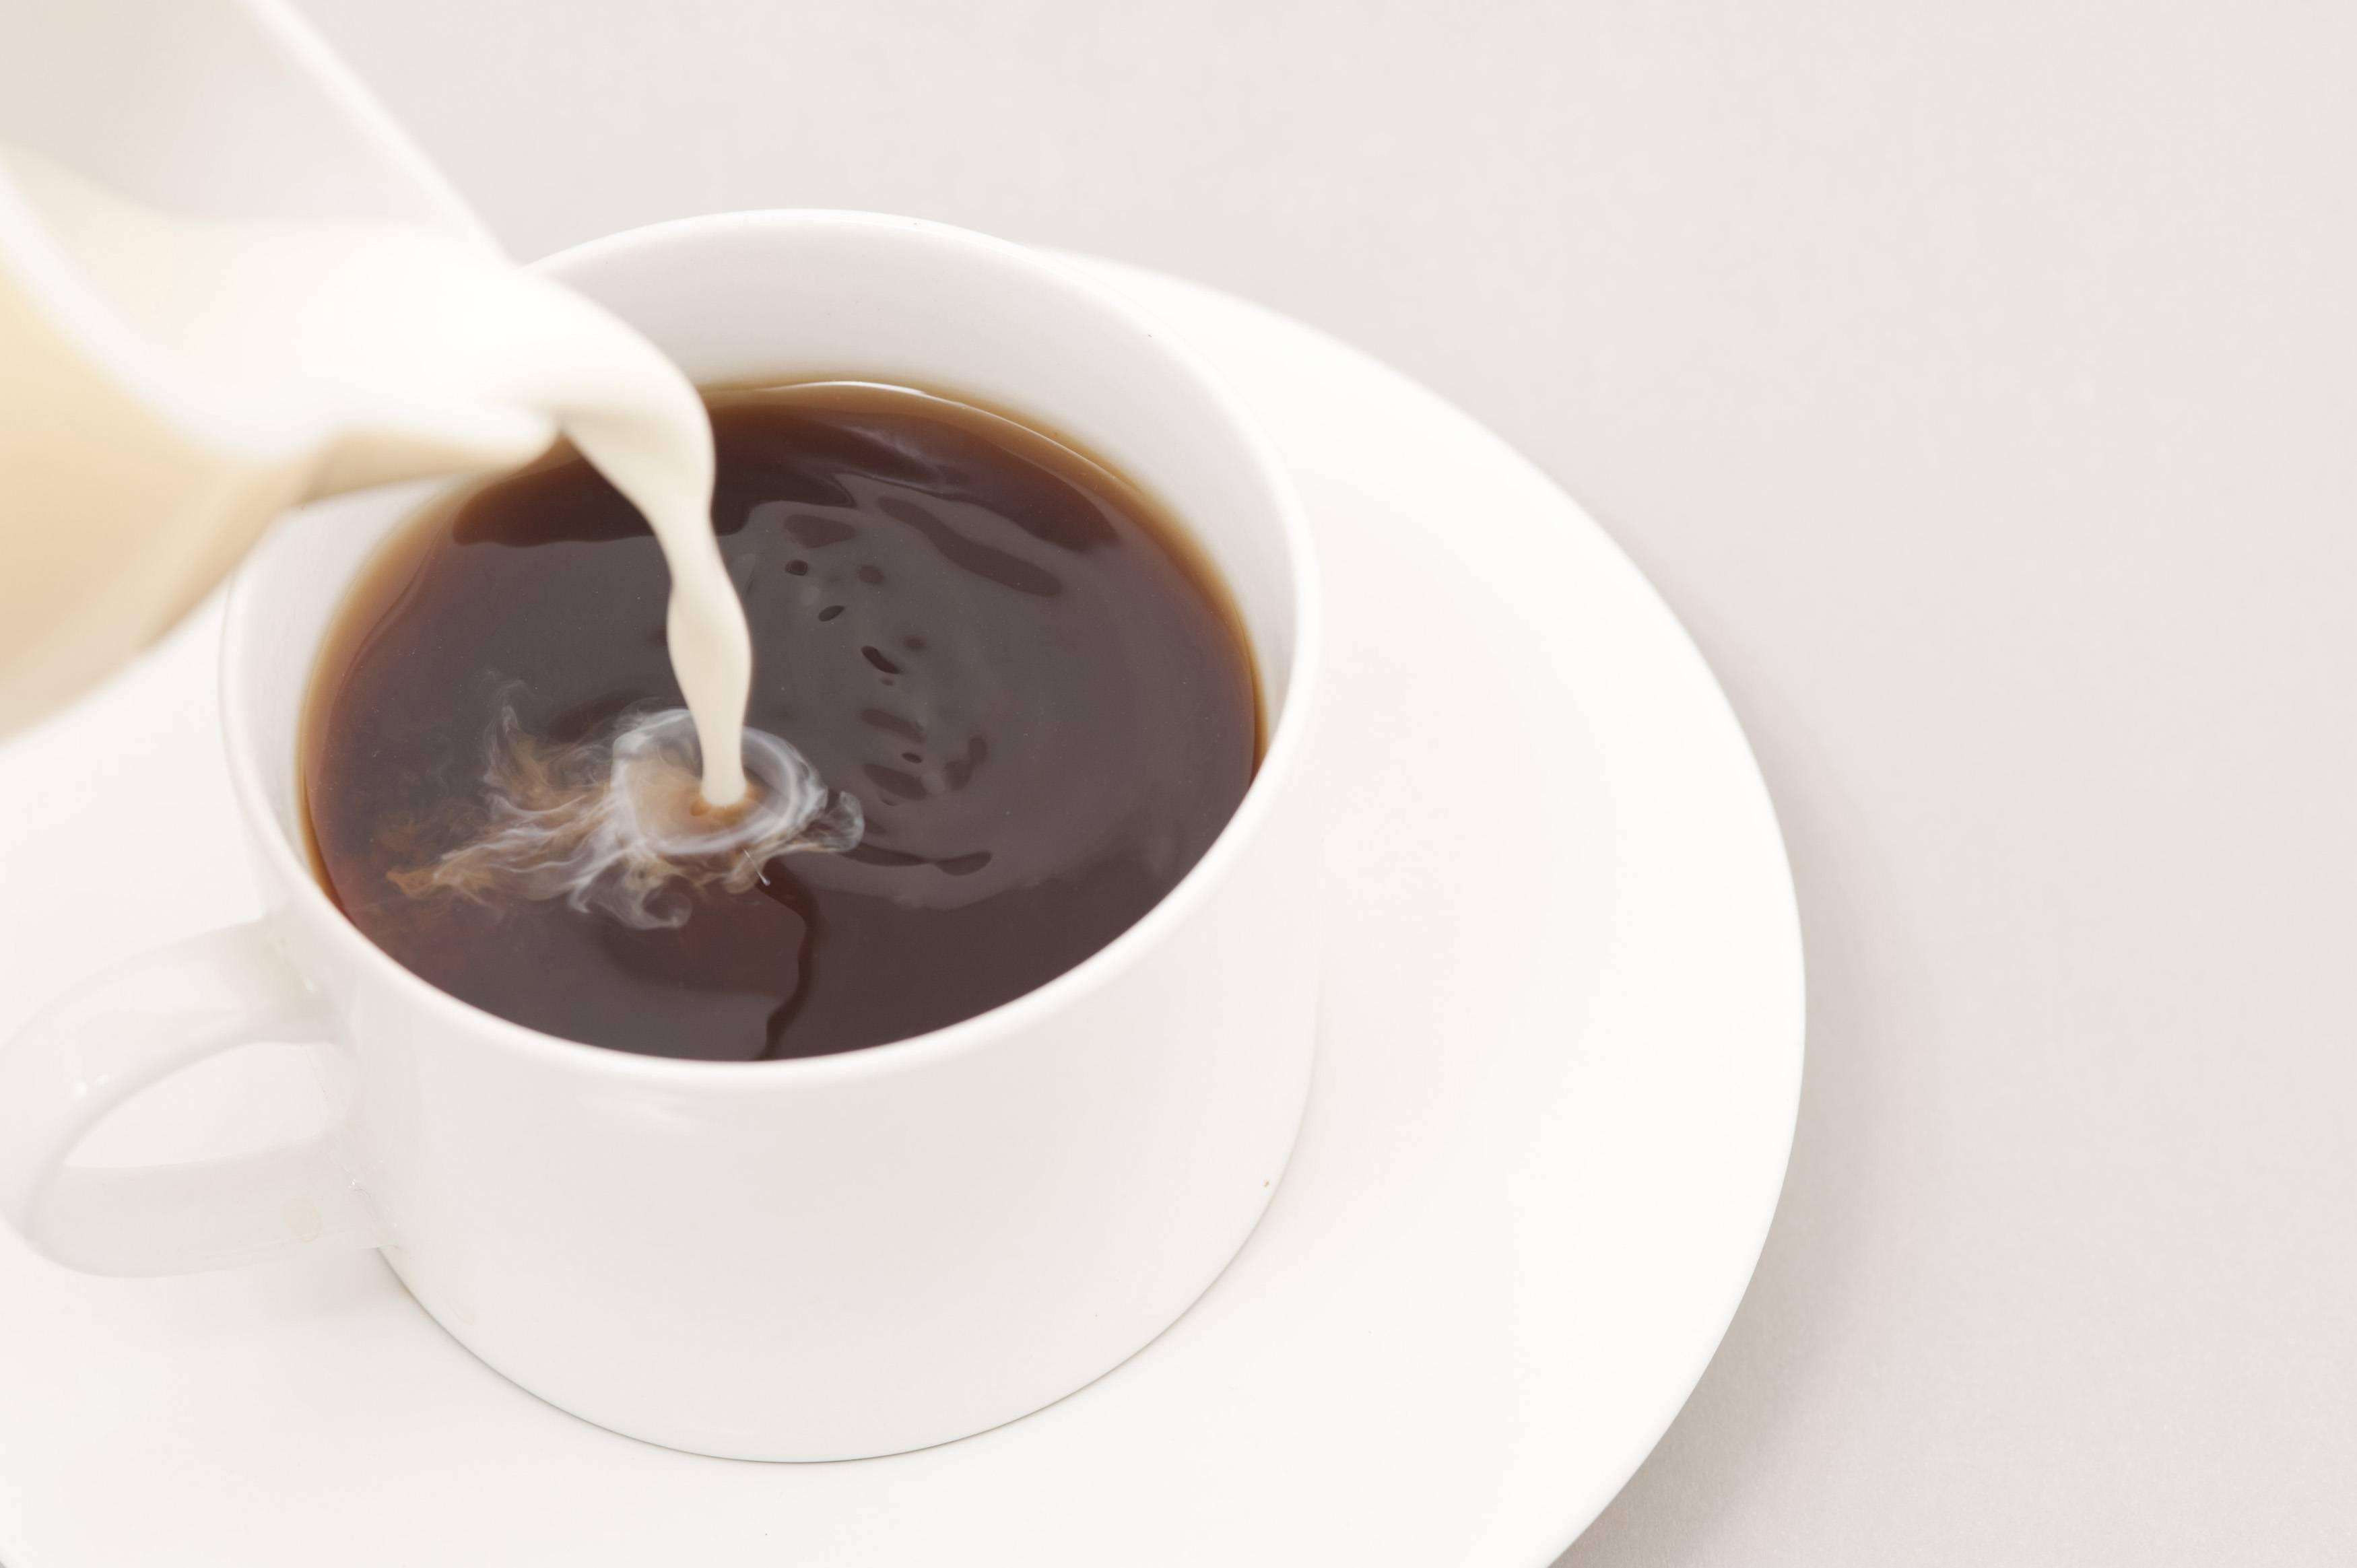 Можно ли поправиться от кофе: черного, с сахаром, с молоком, со сливками